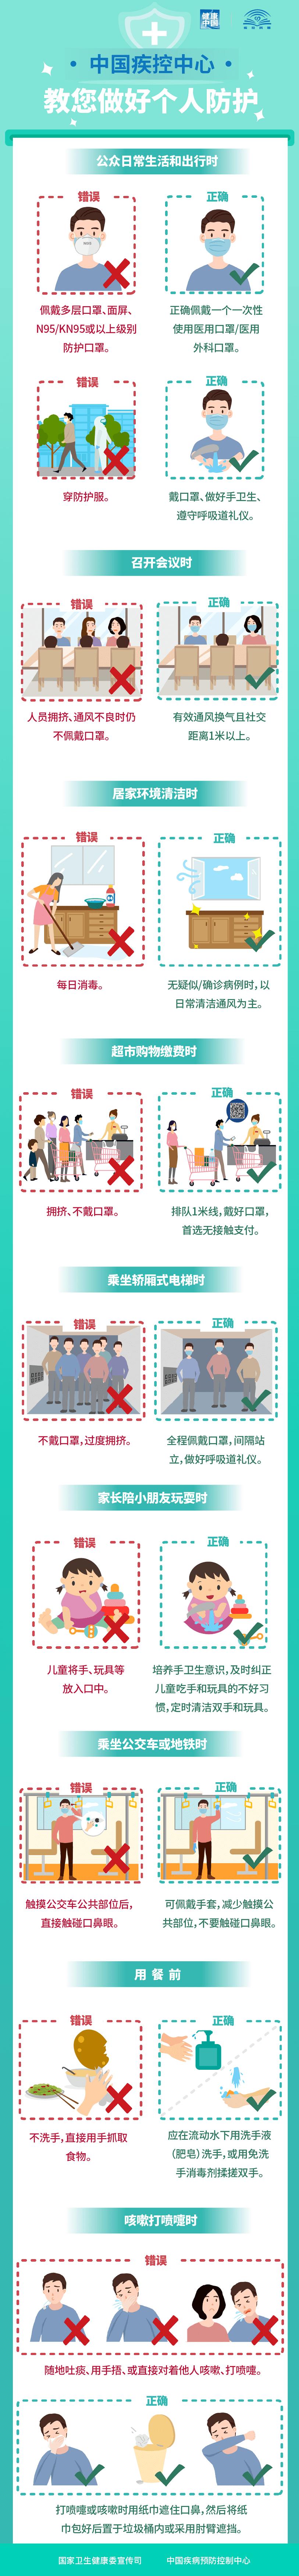 防疫科普知识⑱ 个人防护要做好,来看权威攻略→